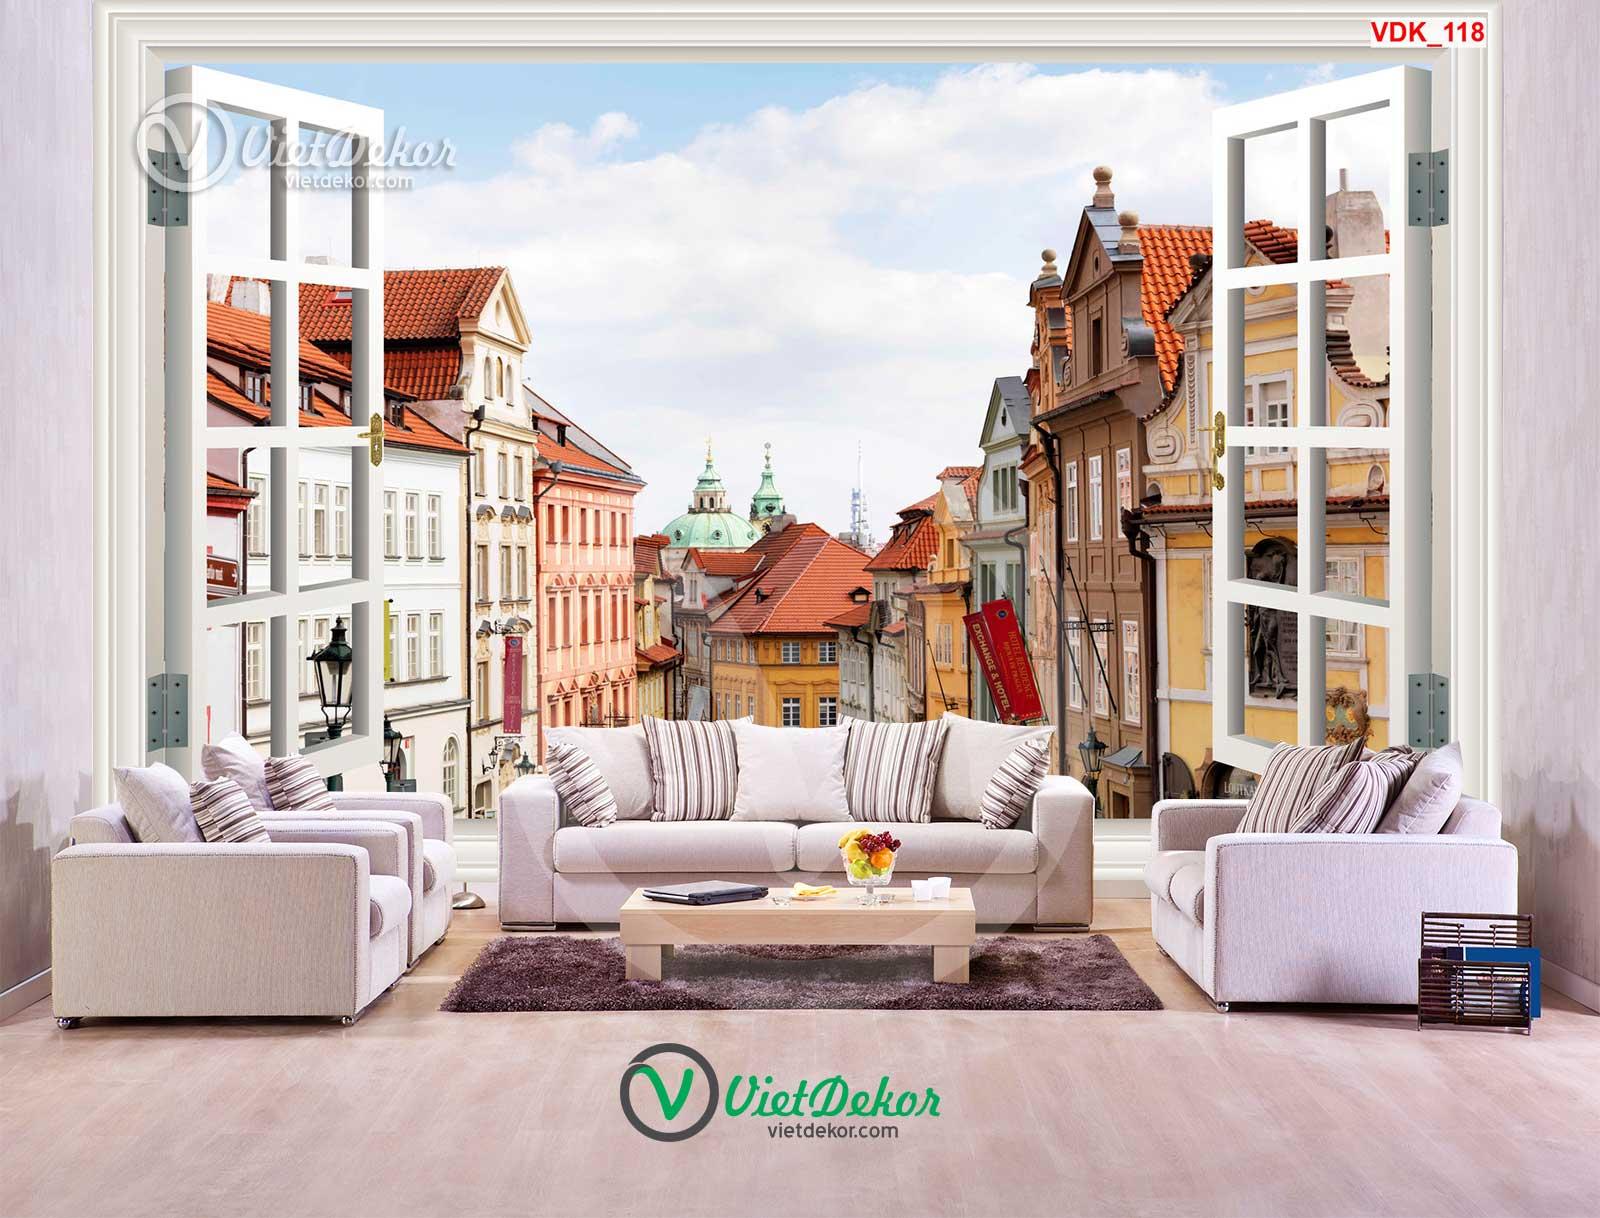 Tranh 3d cửa sổ phong cảnh toàn thành phố